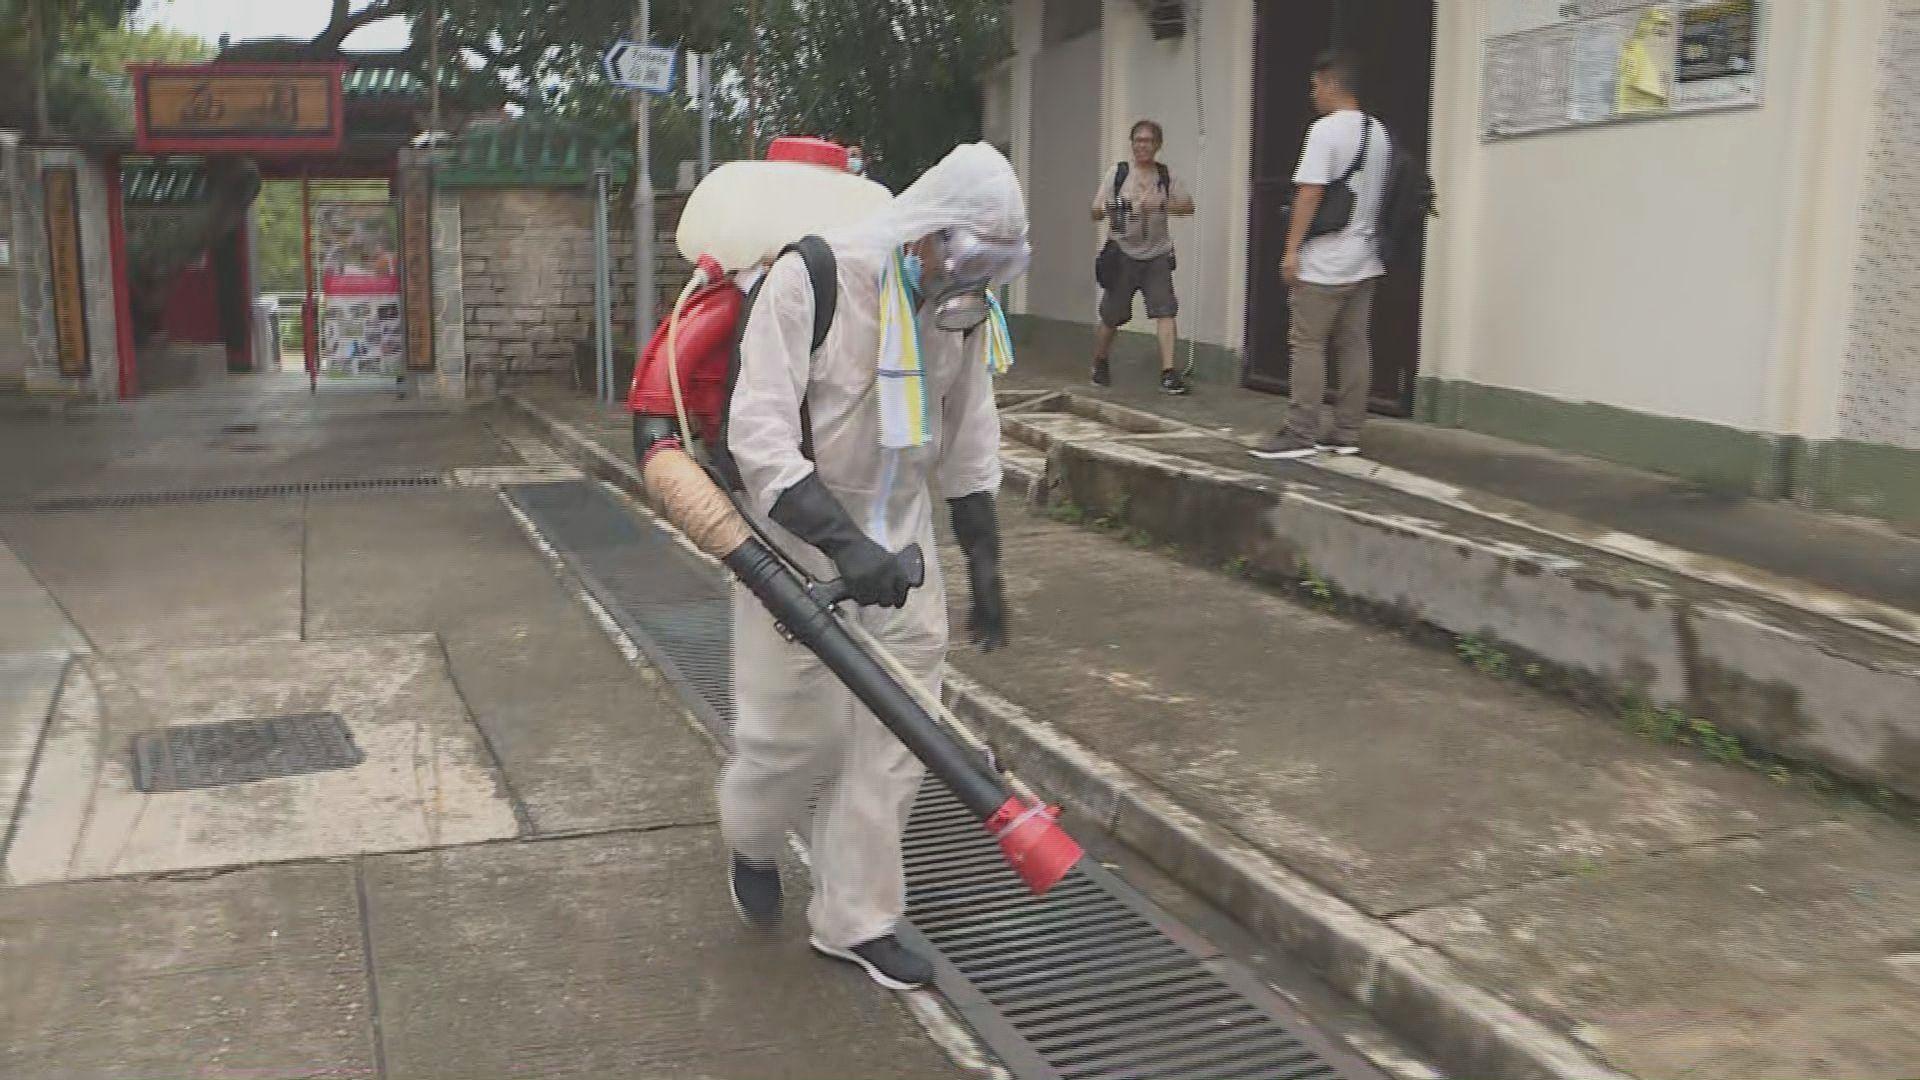 有長洲居民批評政府滅蚊力度不足